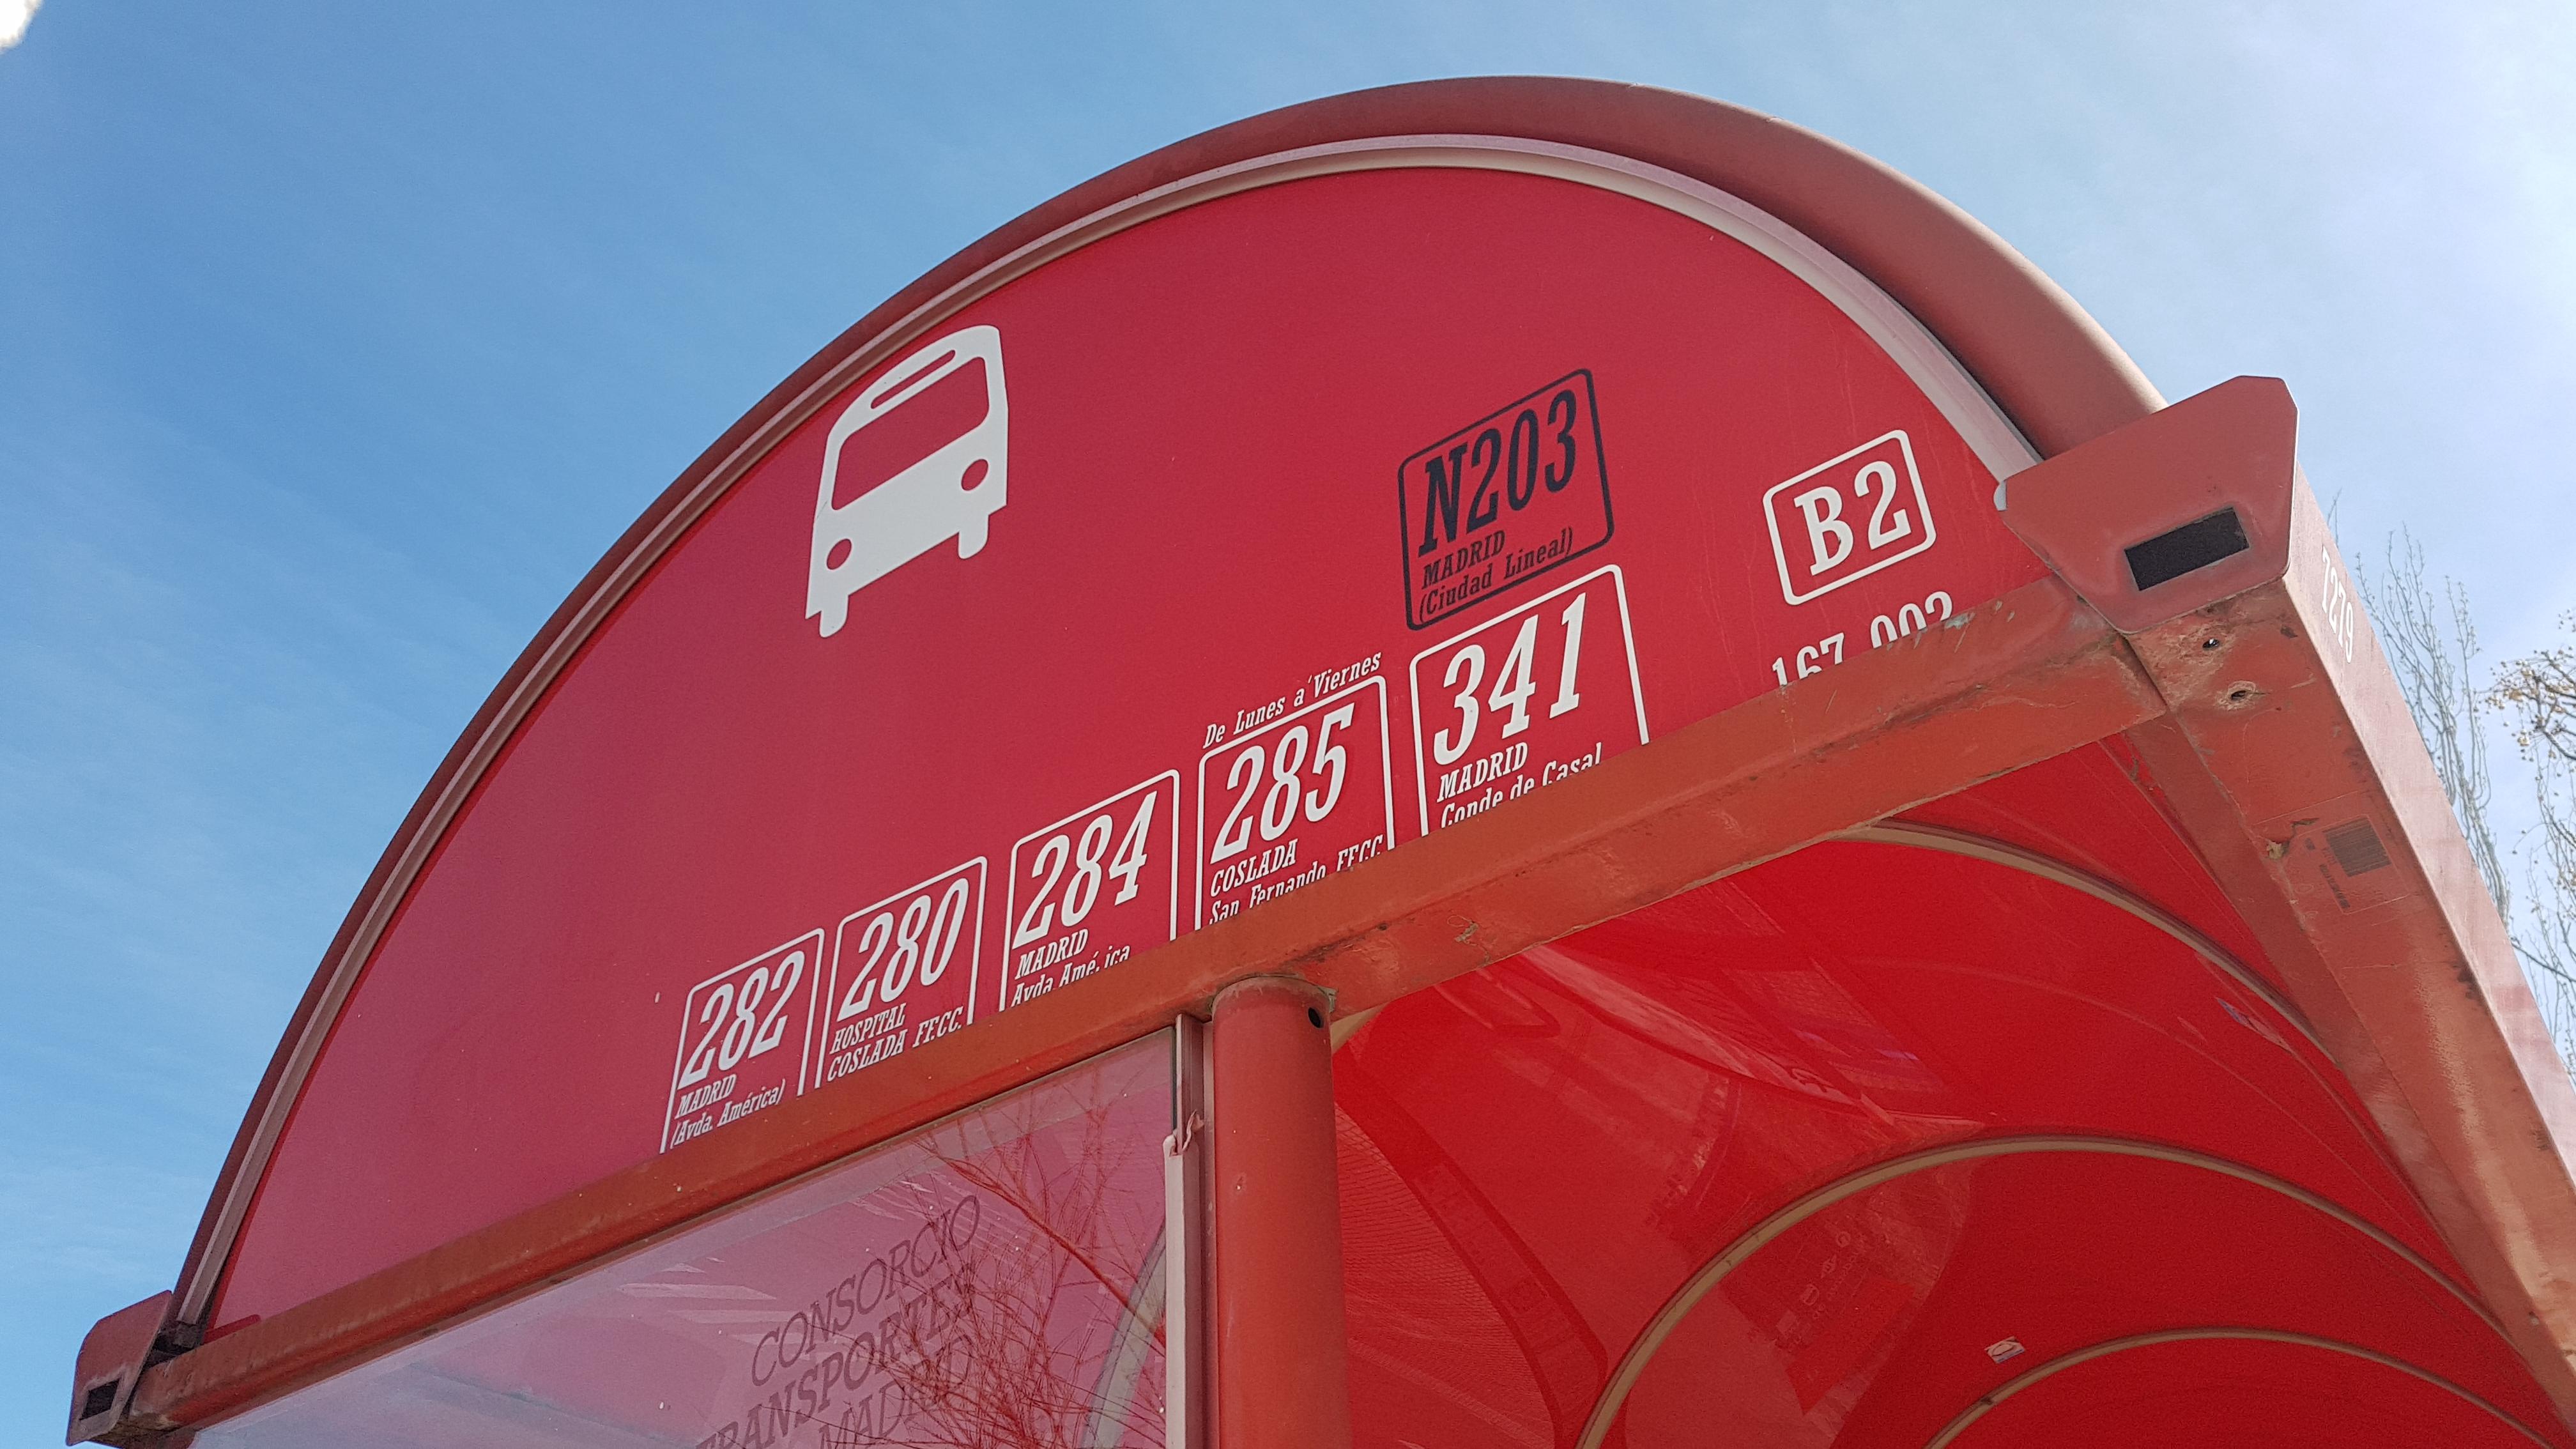 Horarios de autobuses para el 9 de noviembre festividad de Ntra. Señora de la Almudena